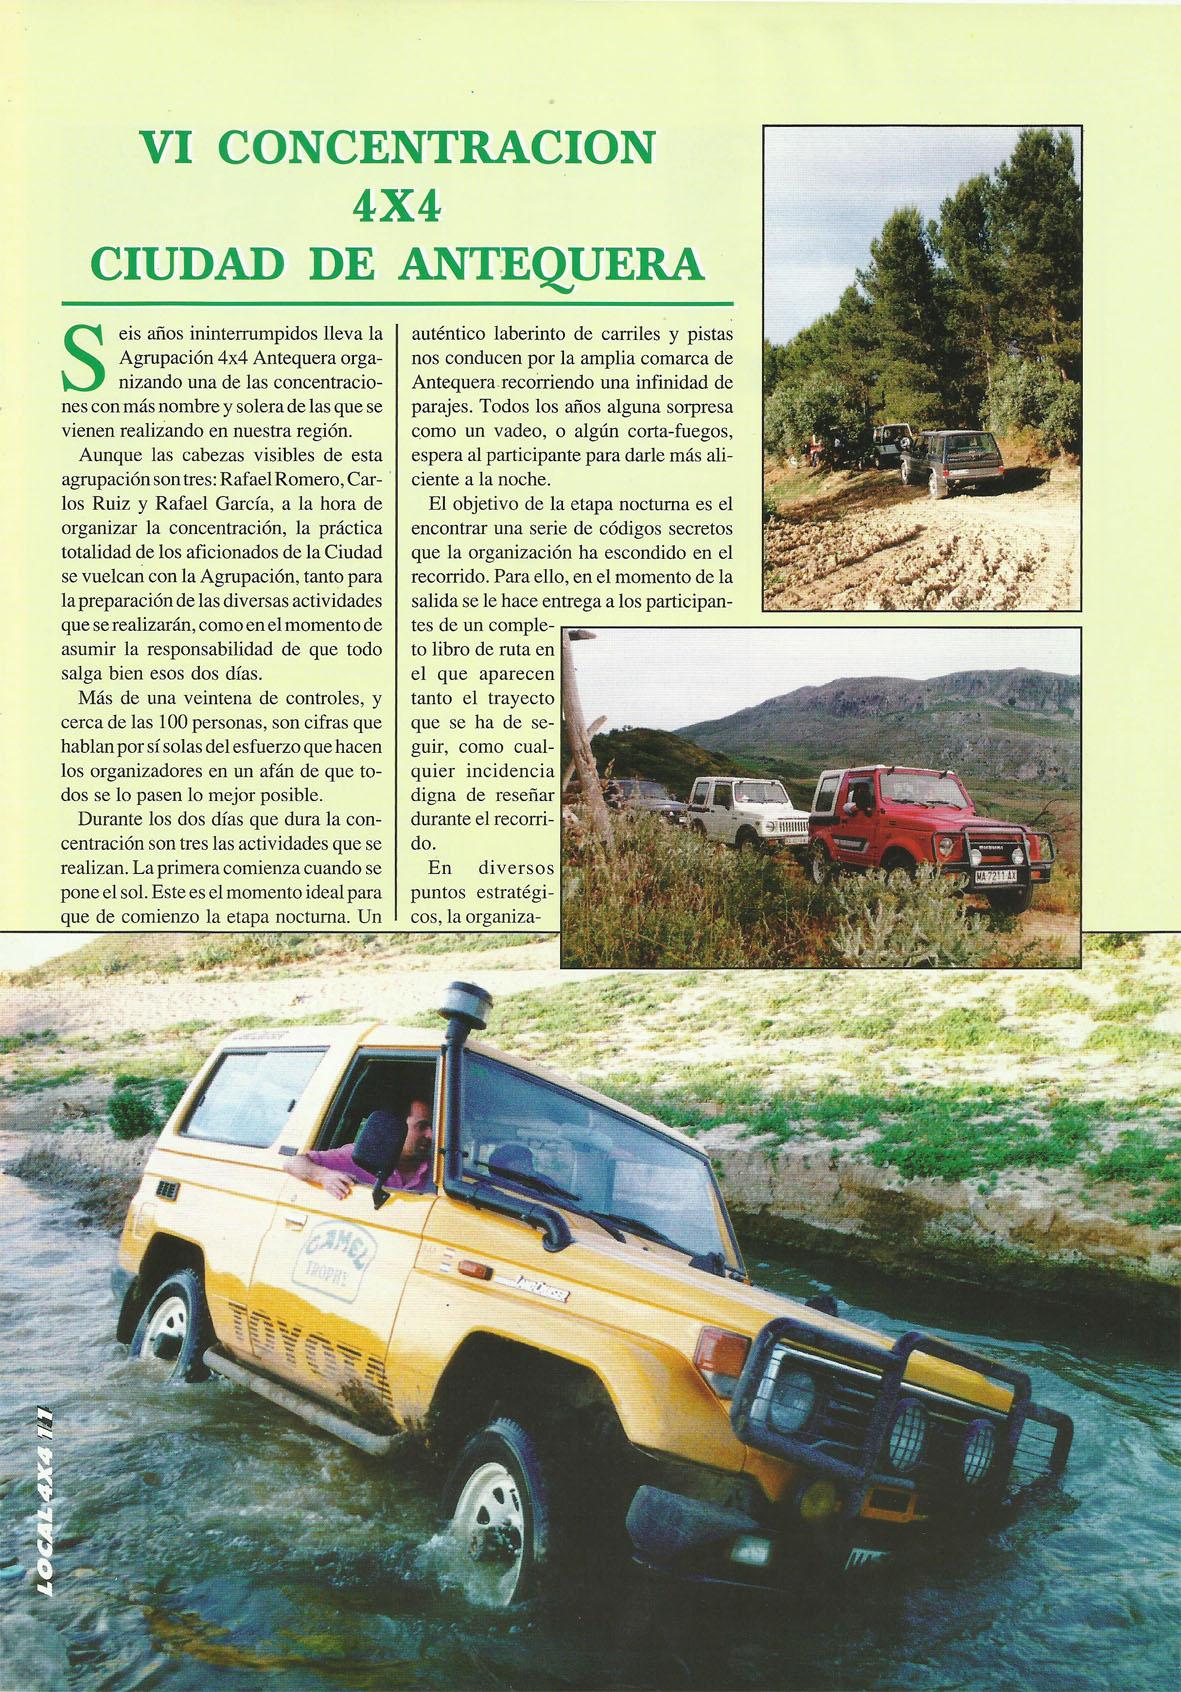 Revista Local 4x4 32 11 VI Concentración 4x4 Ciudad de Antequera